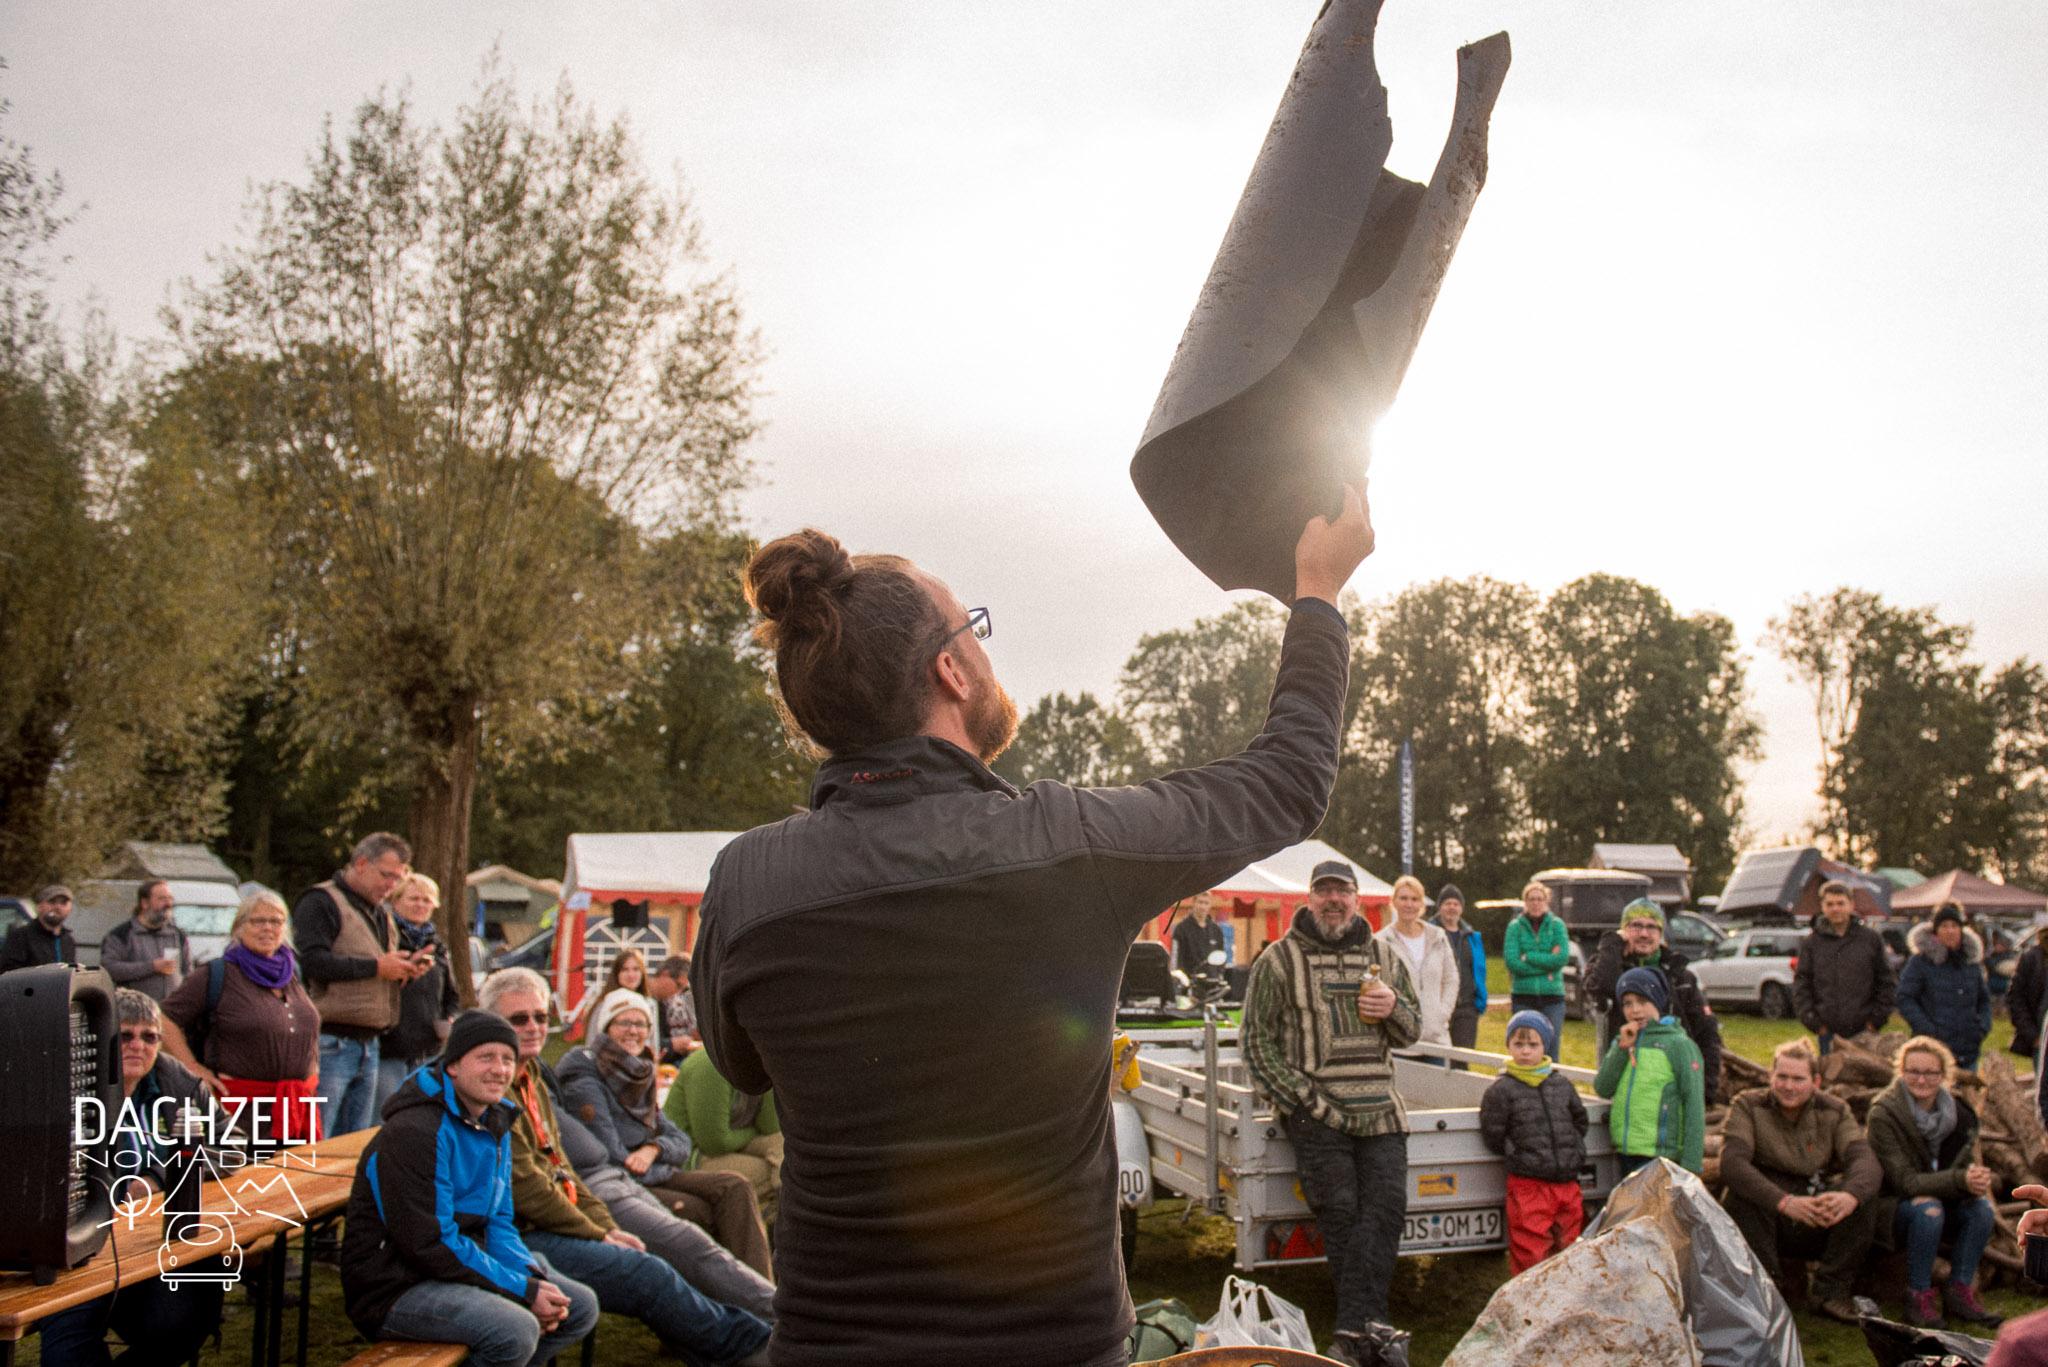 20191019-Dachzelt-Camp-Speciaal-Maik-Richter-DSC 6126